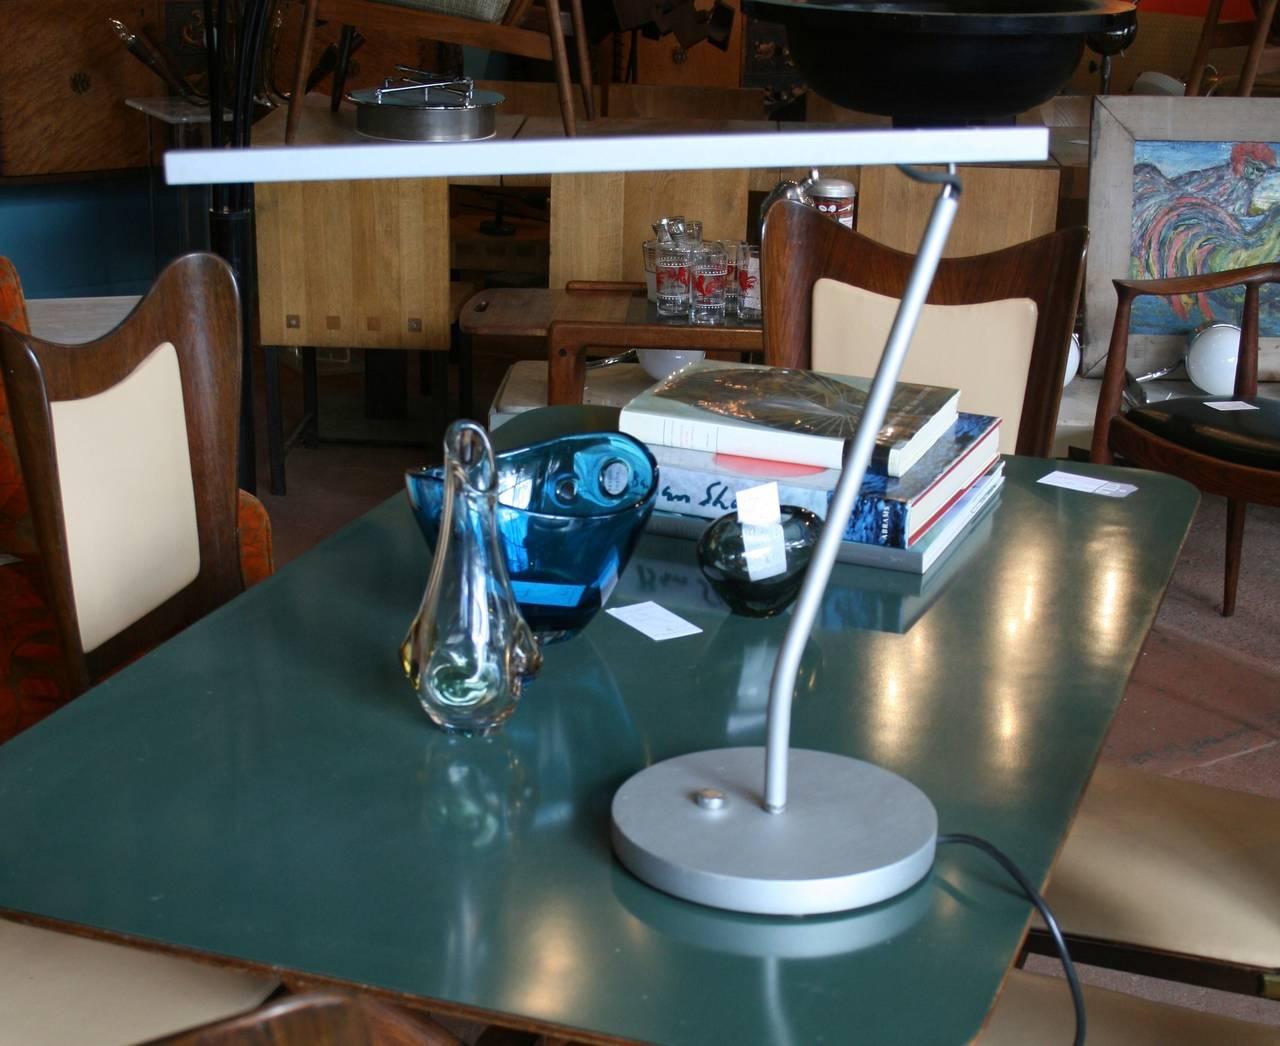 Original 1997 Production Of Belgian Designer Maarten Van Severen BA11 Desk  Lamp Produced By Uline.